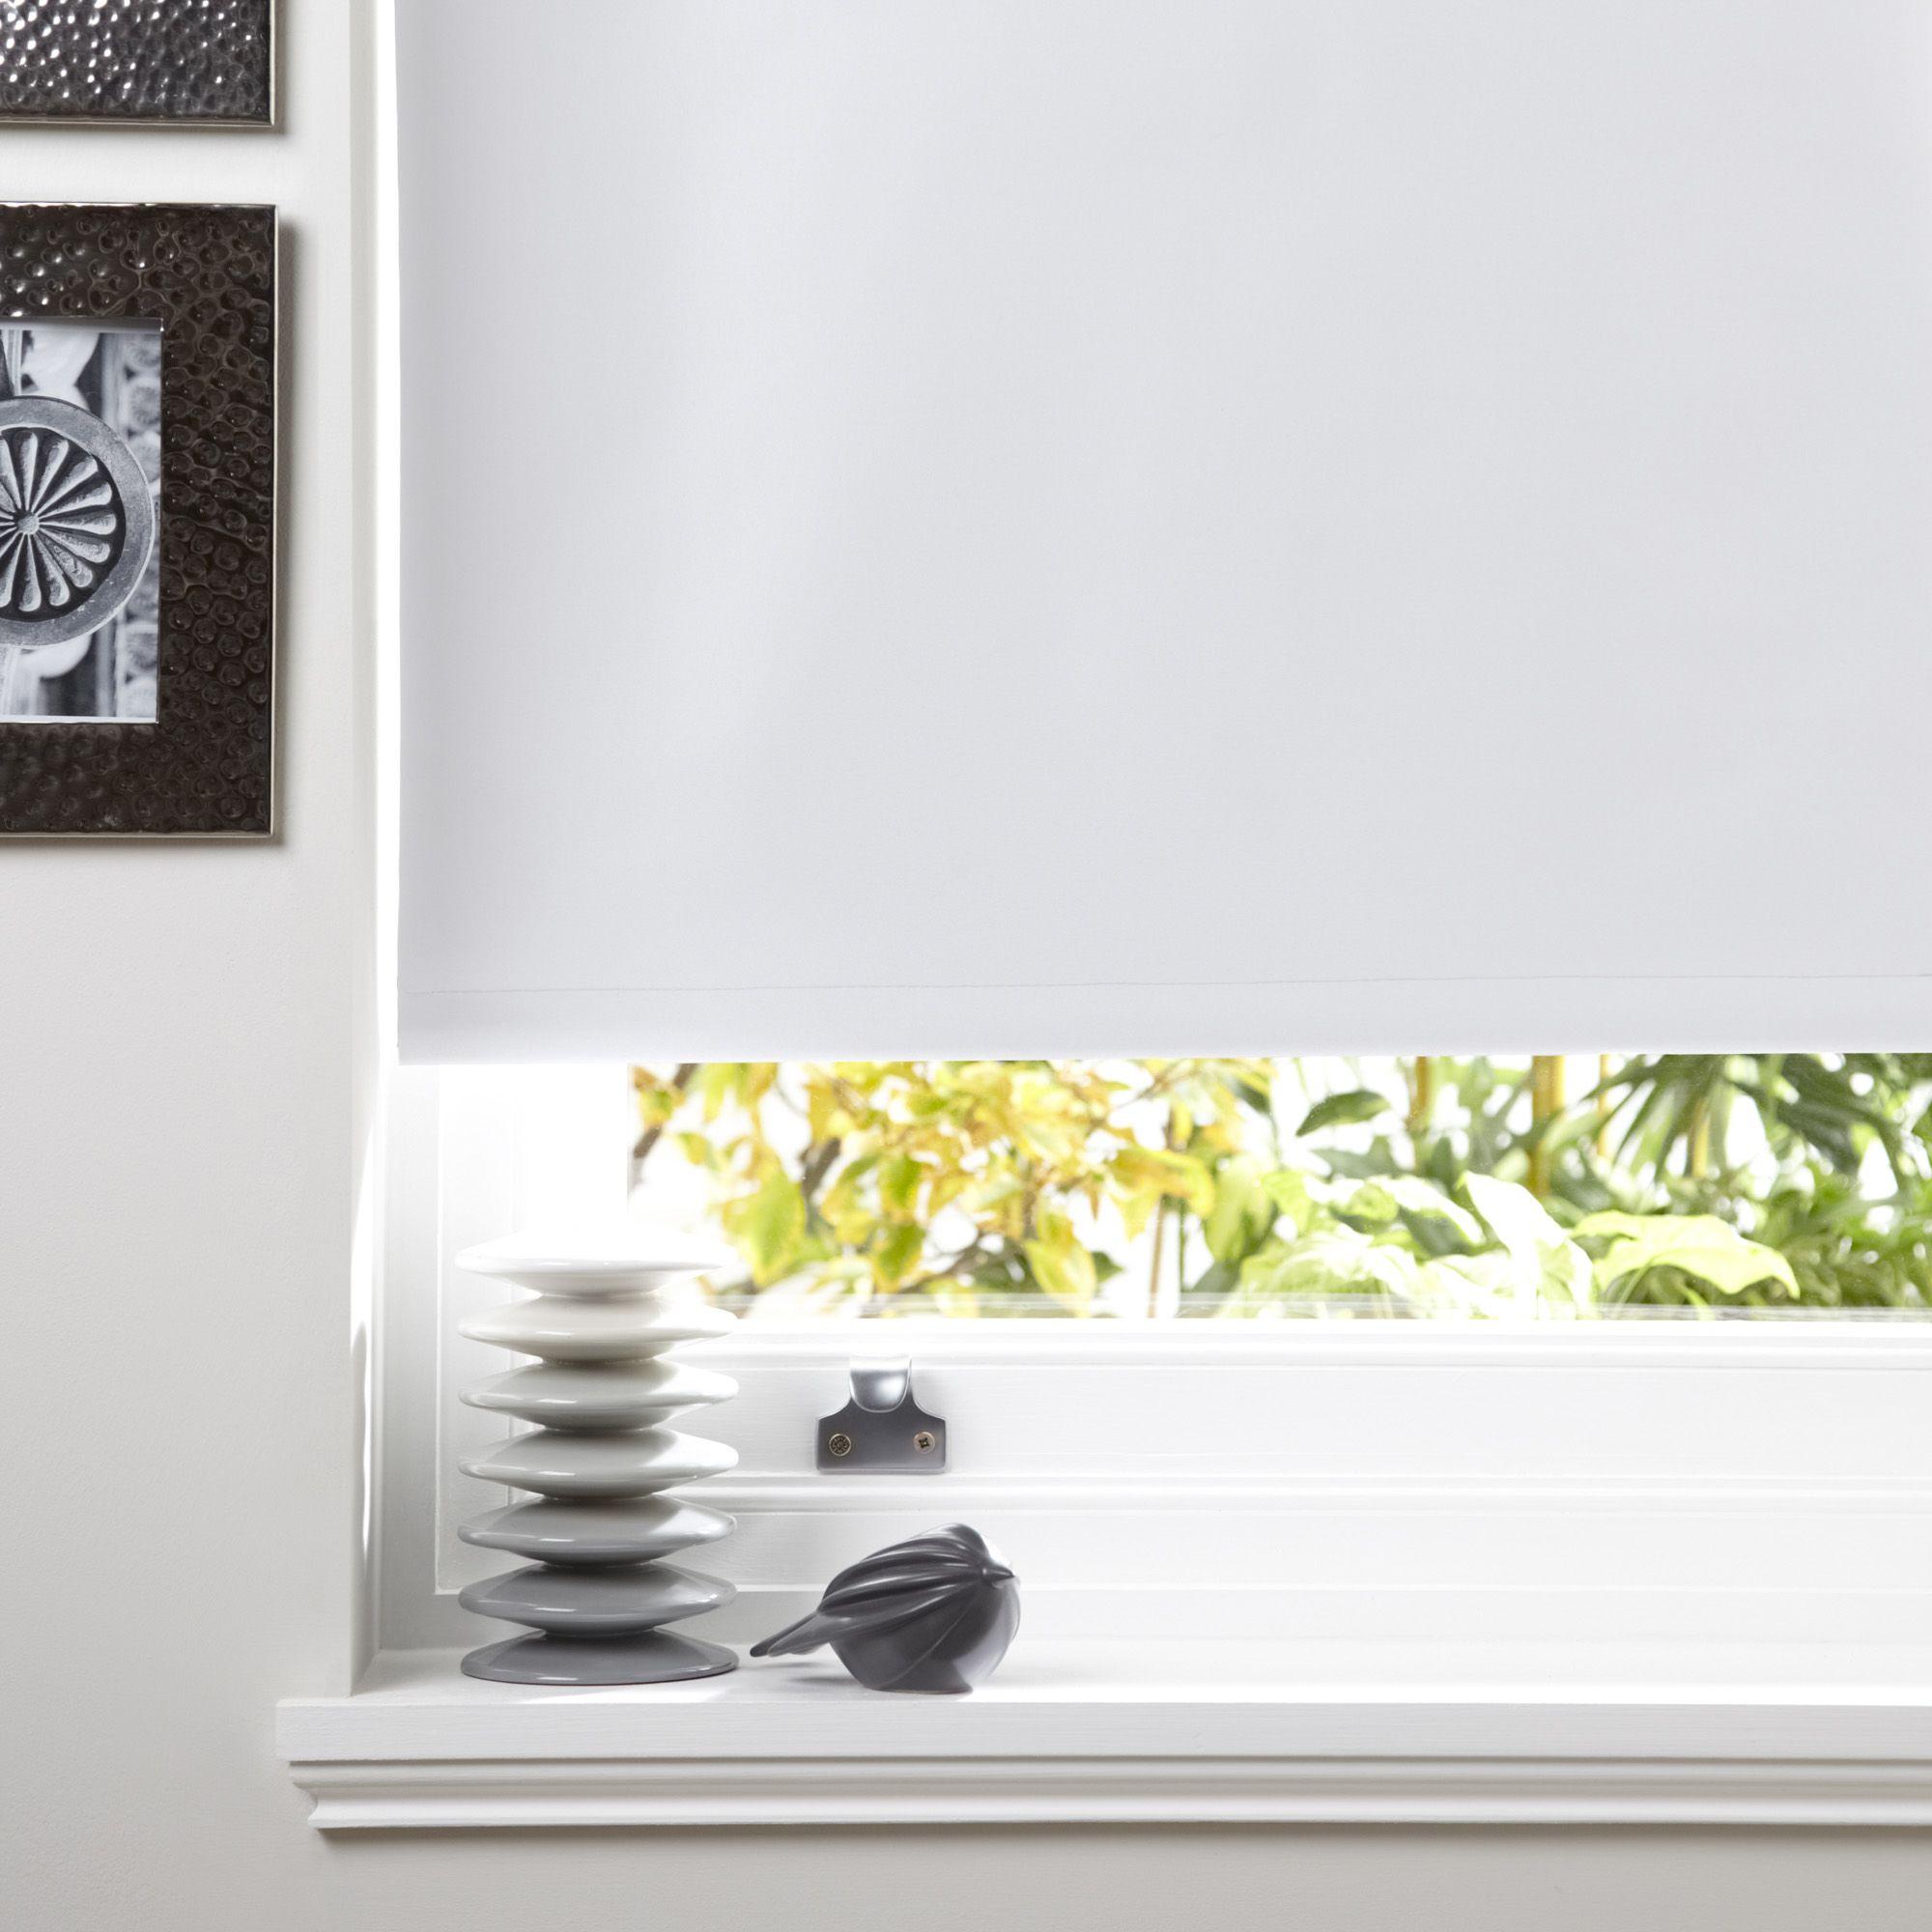 B Q Venetian Blinds: Colours Kona Corded White Roller Blind (L)160 Cm (W)120 Cm